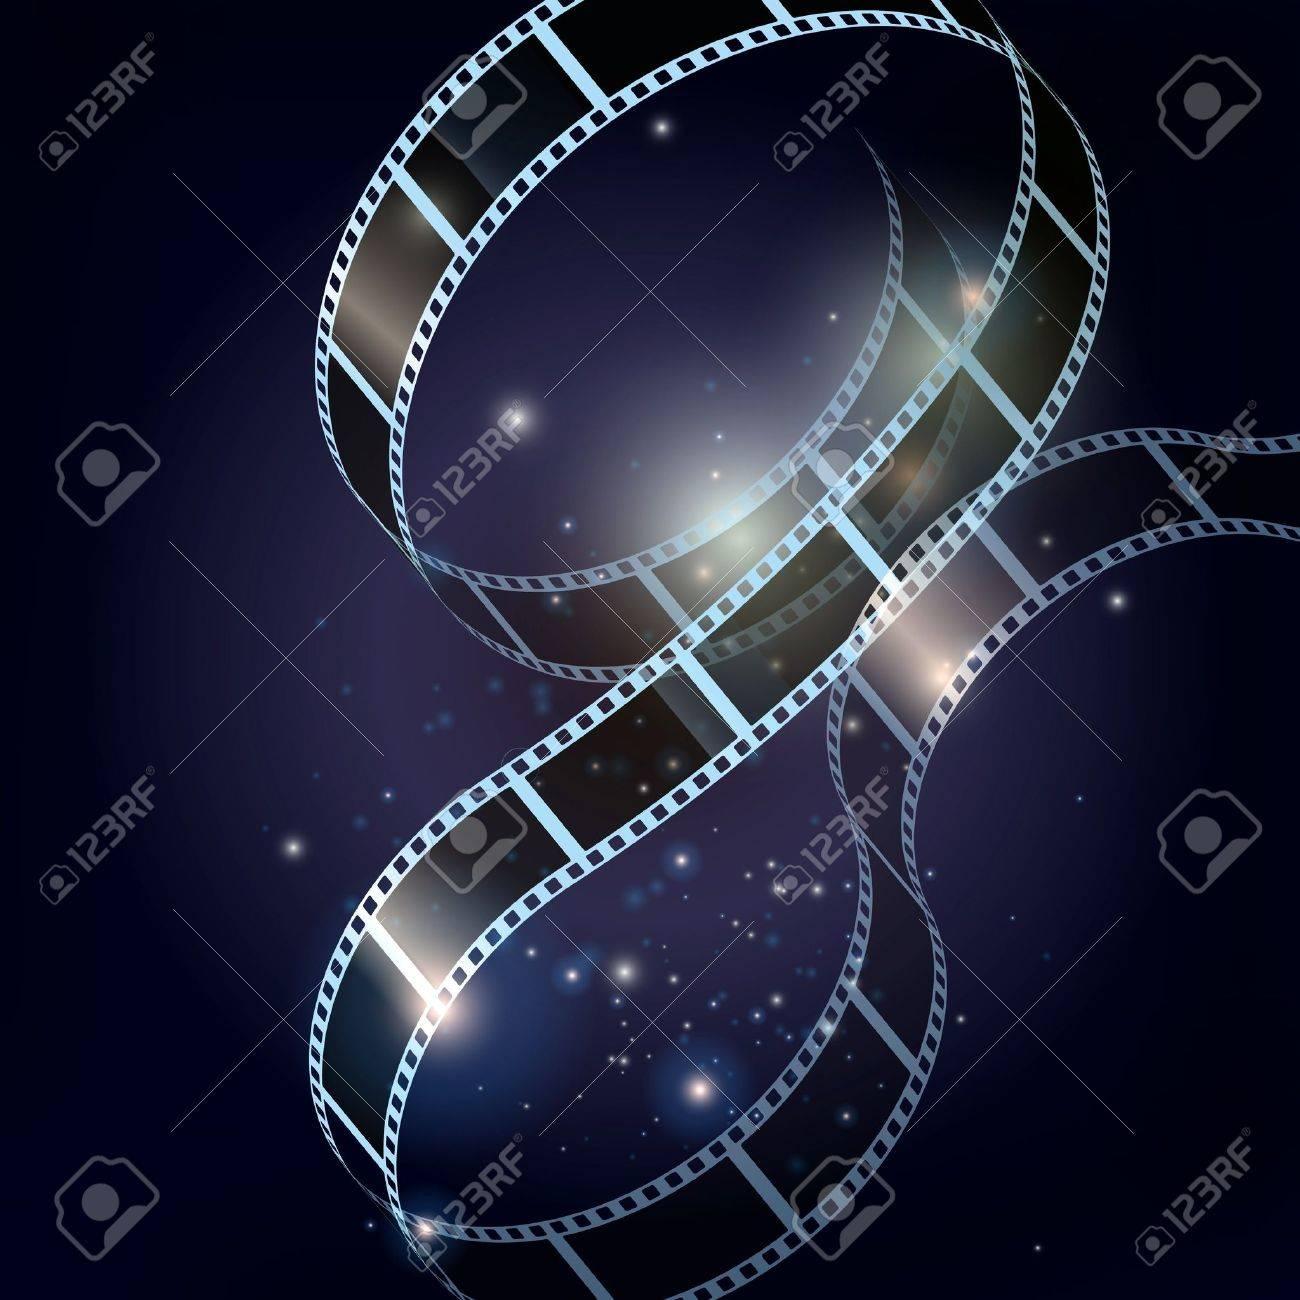 Film strip vector background - 11587307